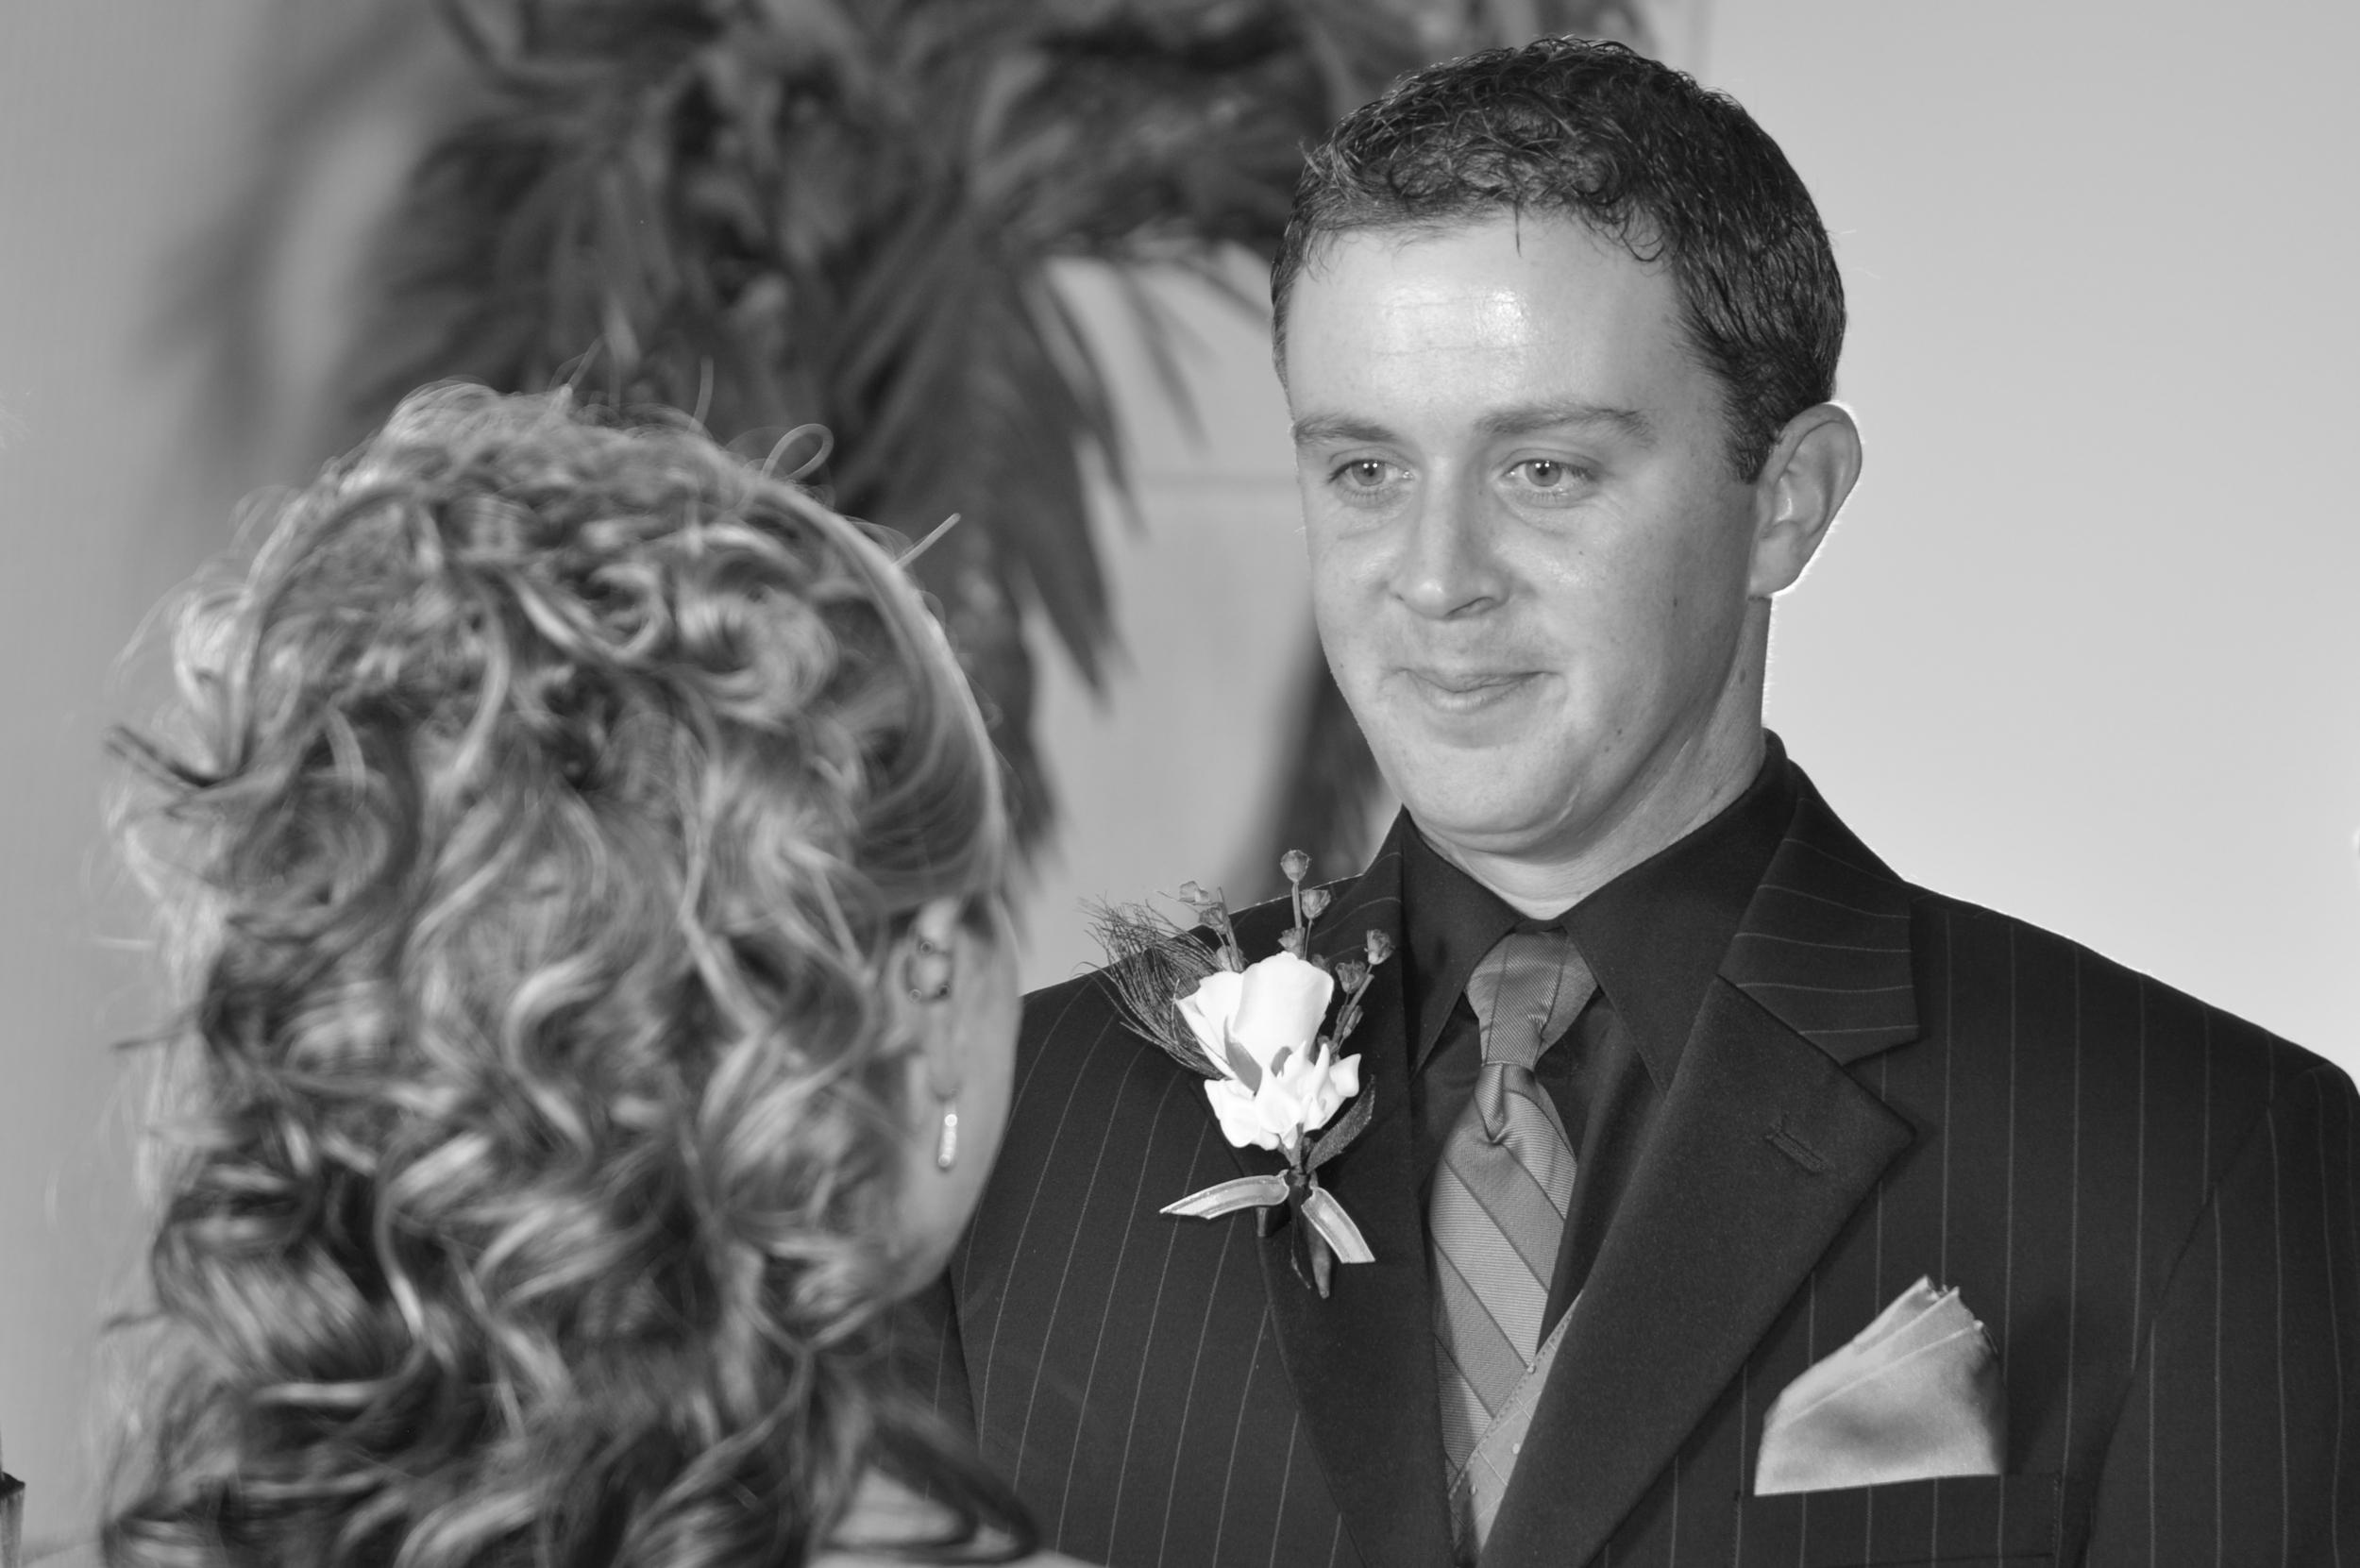 Stewart, Lacie_Stewart Wedding_Ceremony BW_0253.jpg